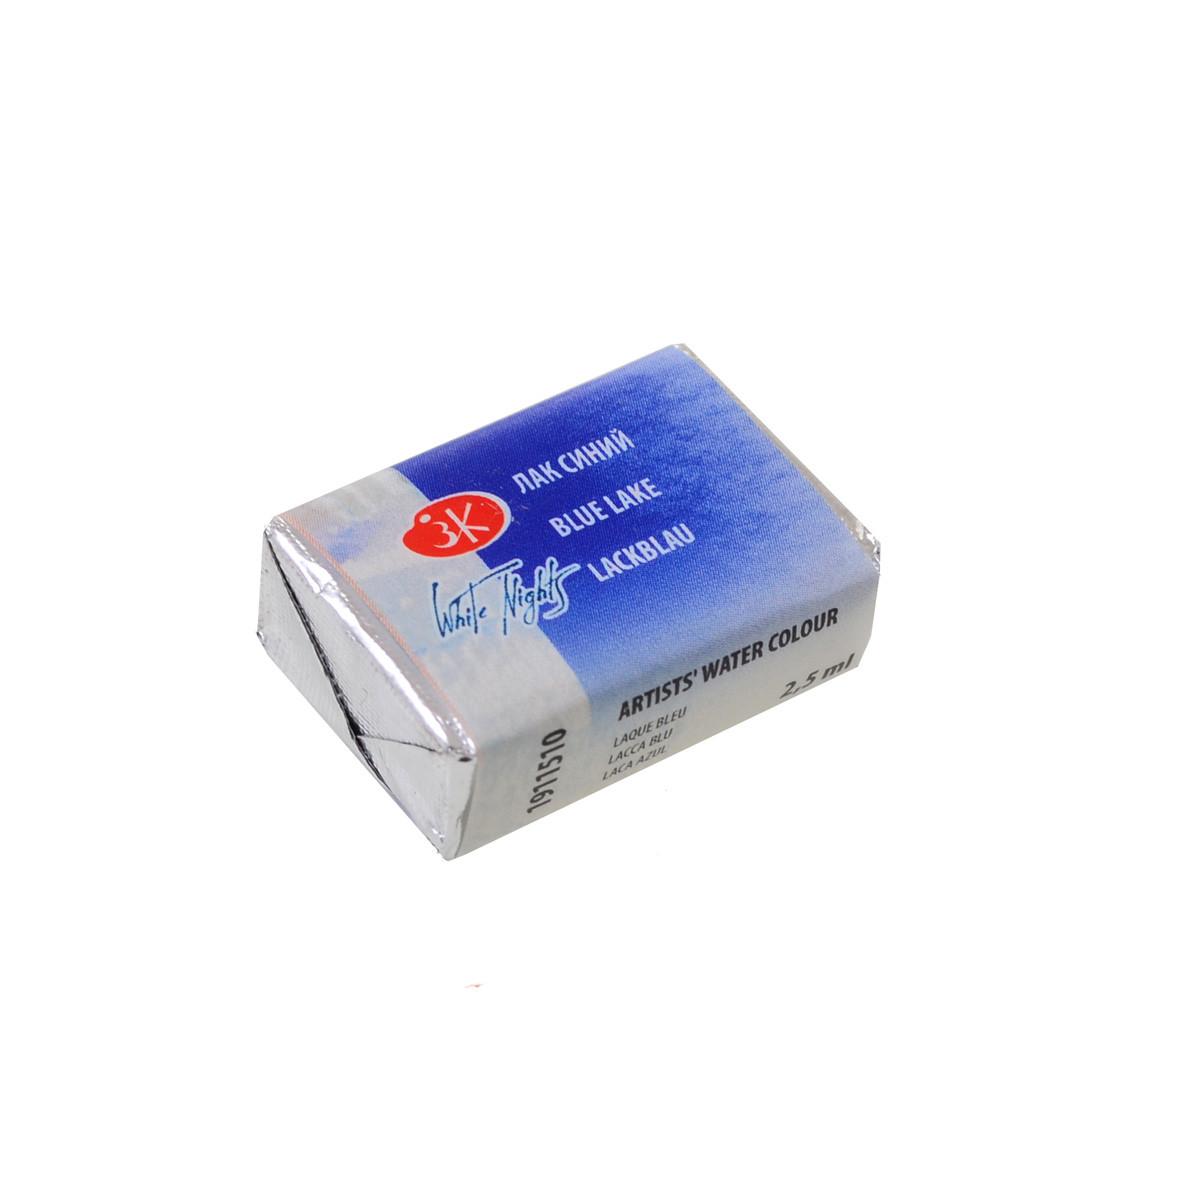 Краска акварельная КЮВЕТА, лак синий, 2.5мл ЗХК код: 351190, арт.завода: 1911510